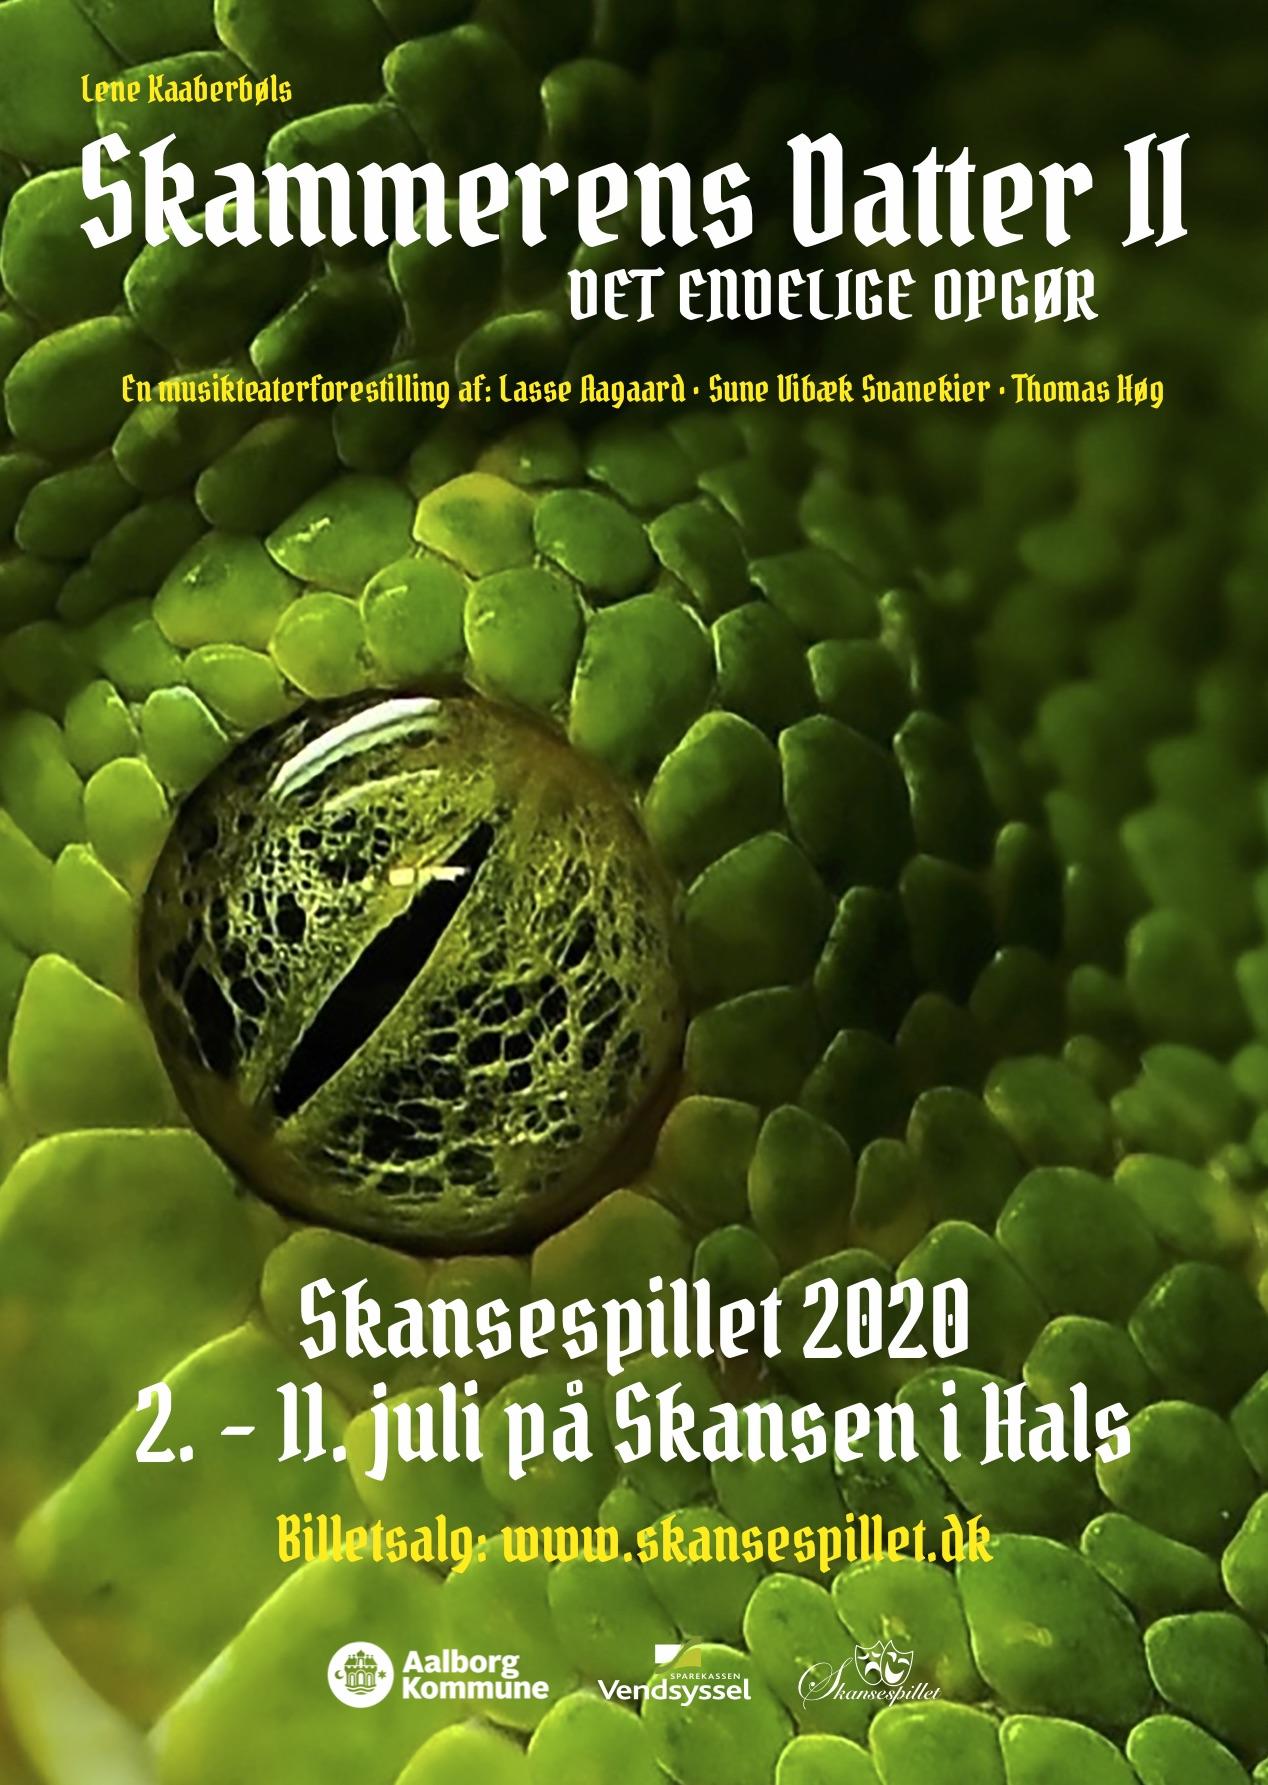 Skansespillet 2020 Skammerens Datter 2